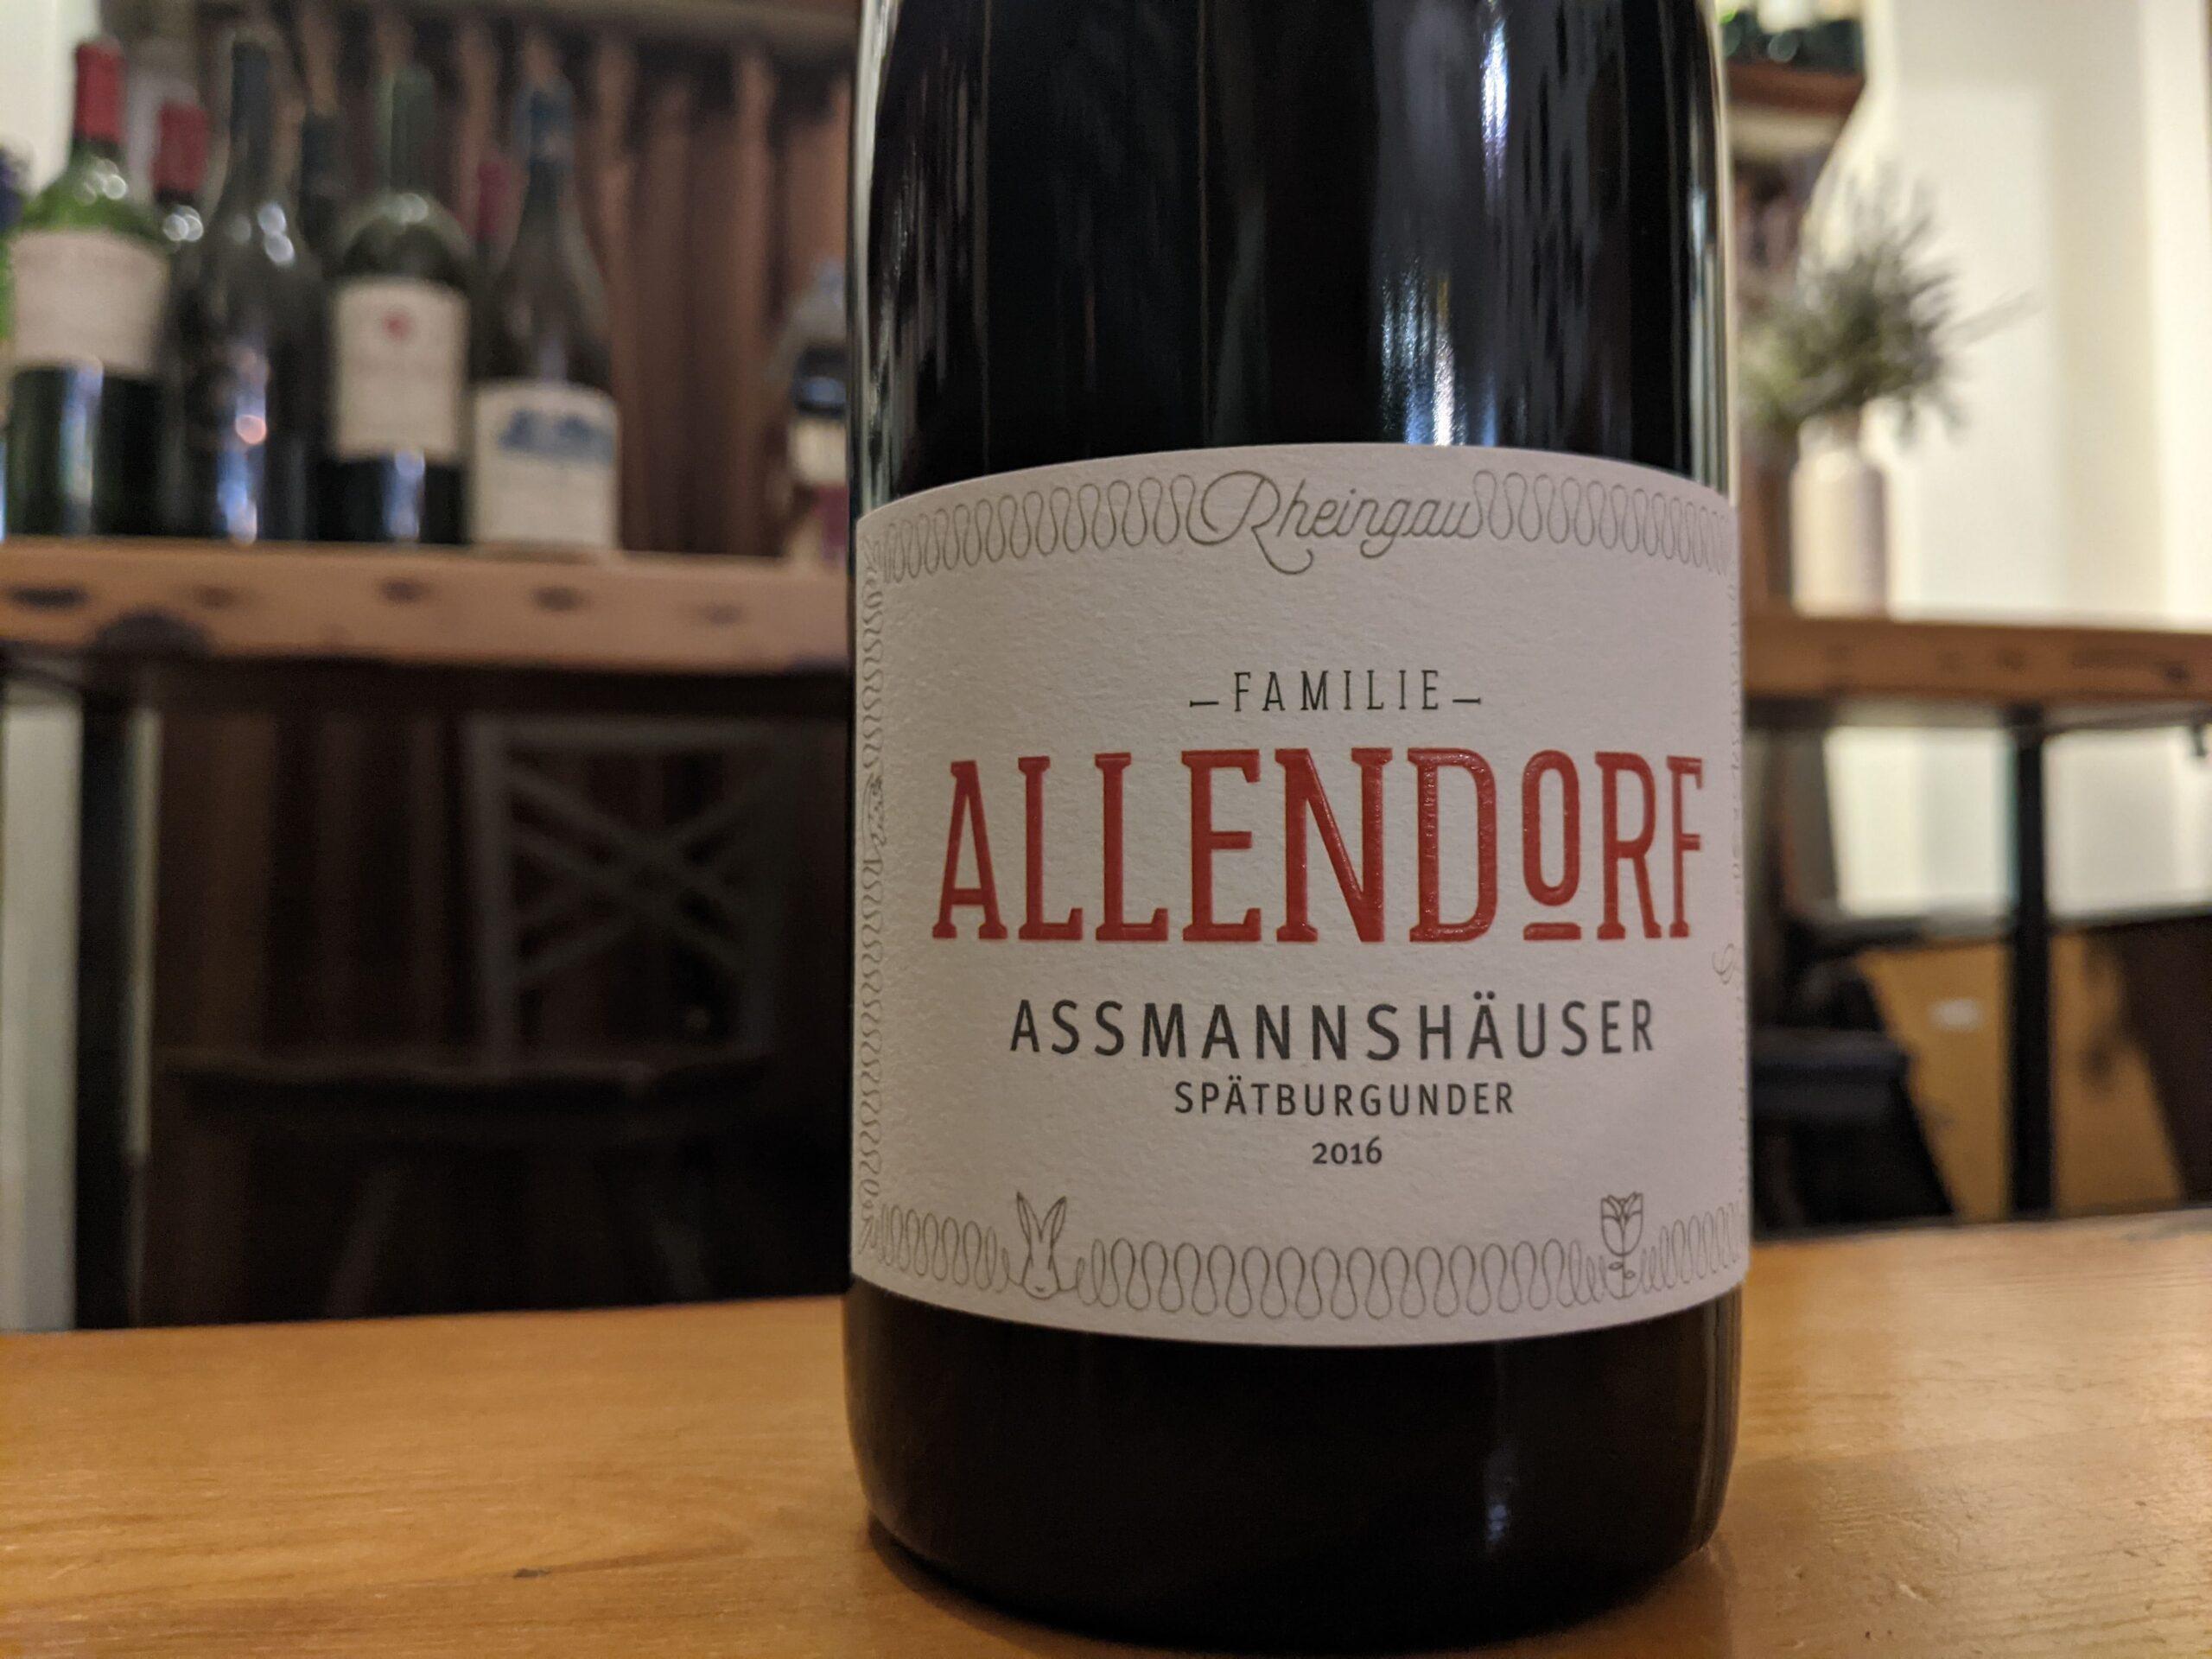 Fritz Allendorf 2016 Assmannshäuser Spätburgunder